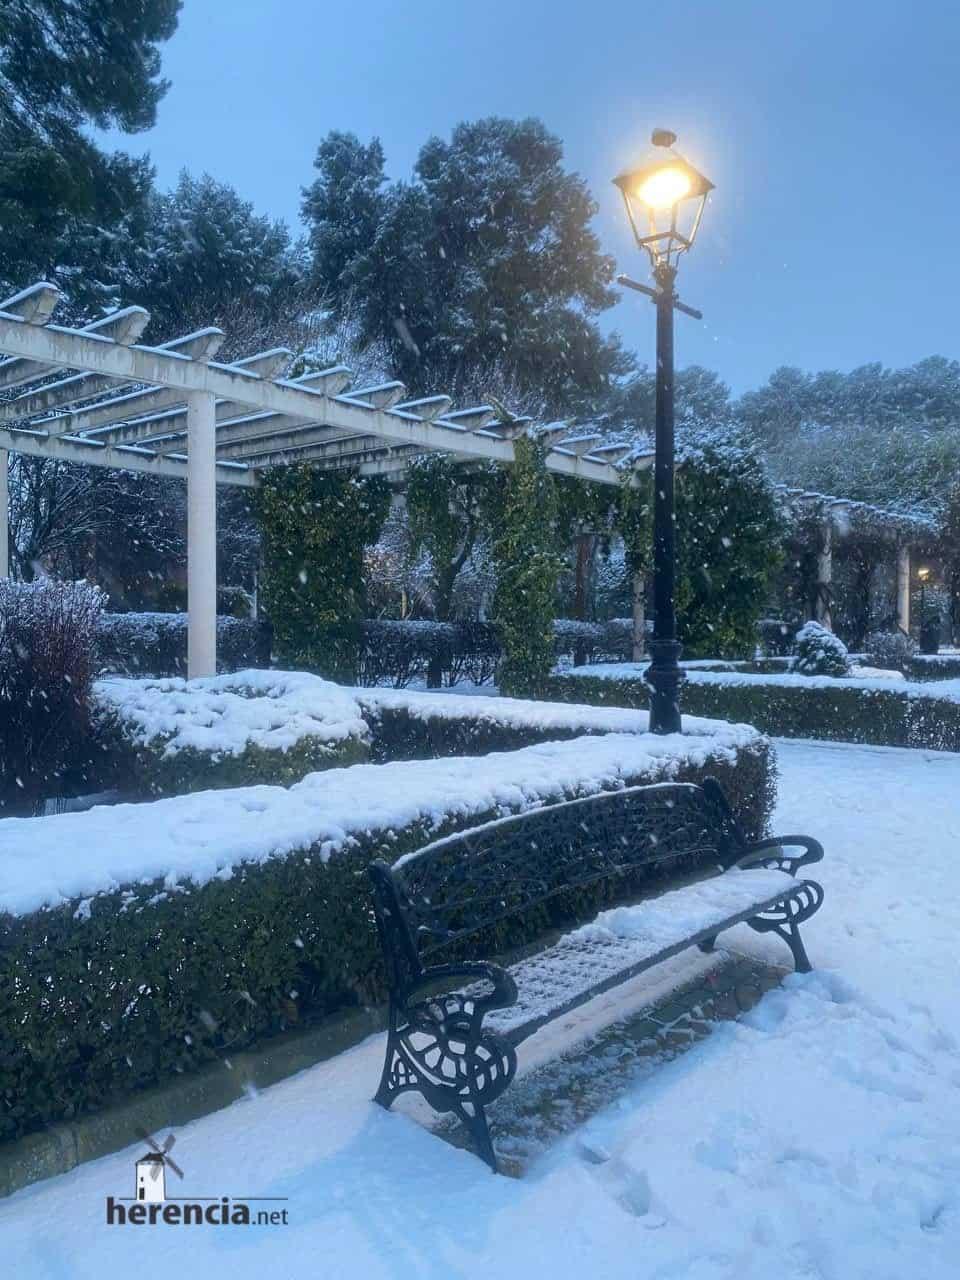 Fotografías de la nevada en Herencia (Ciudad Real) 57